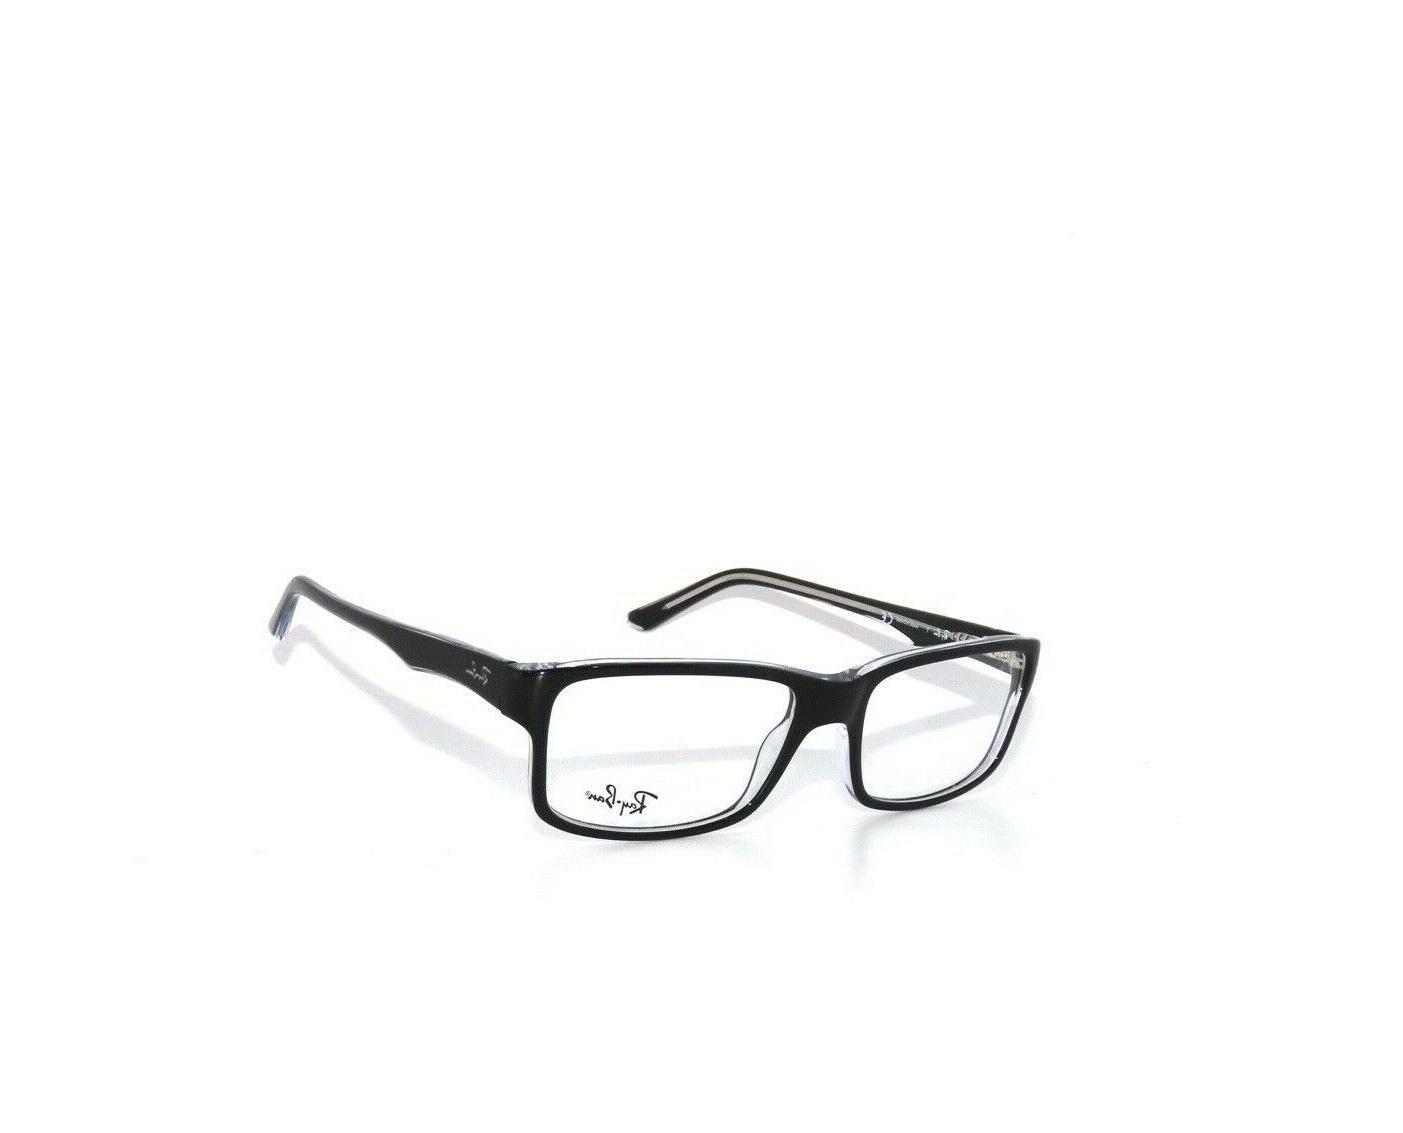 eyeglasses rb